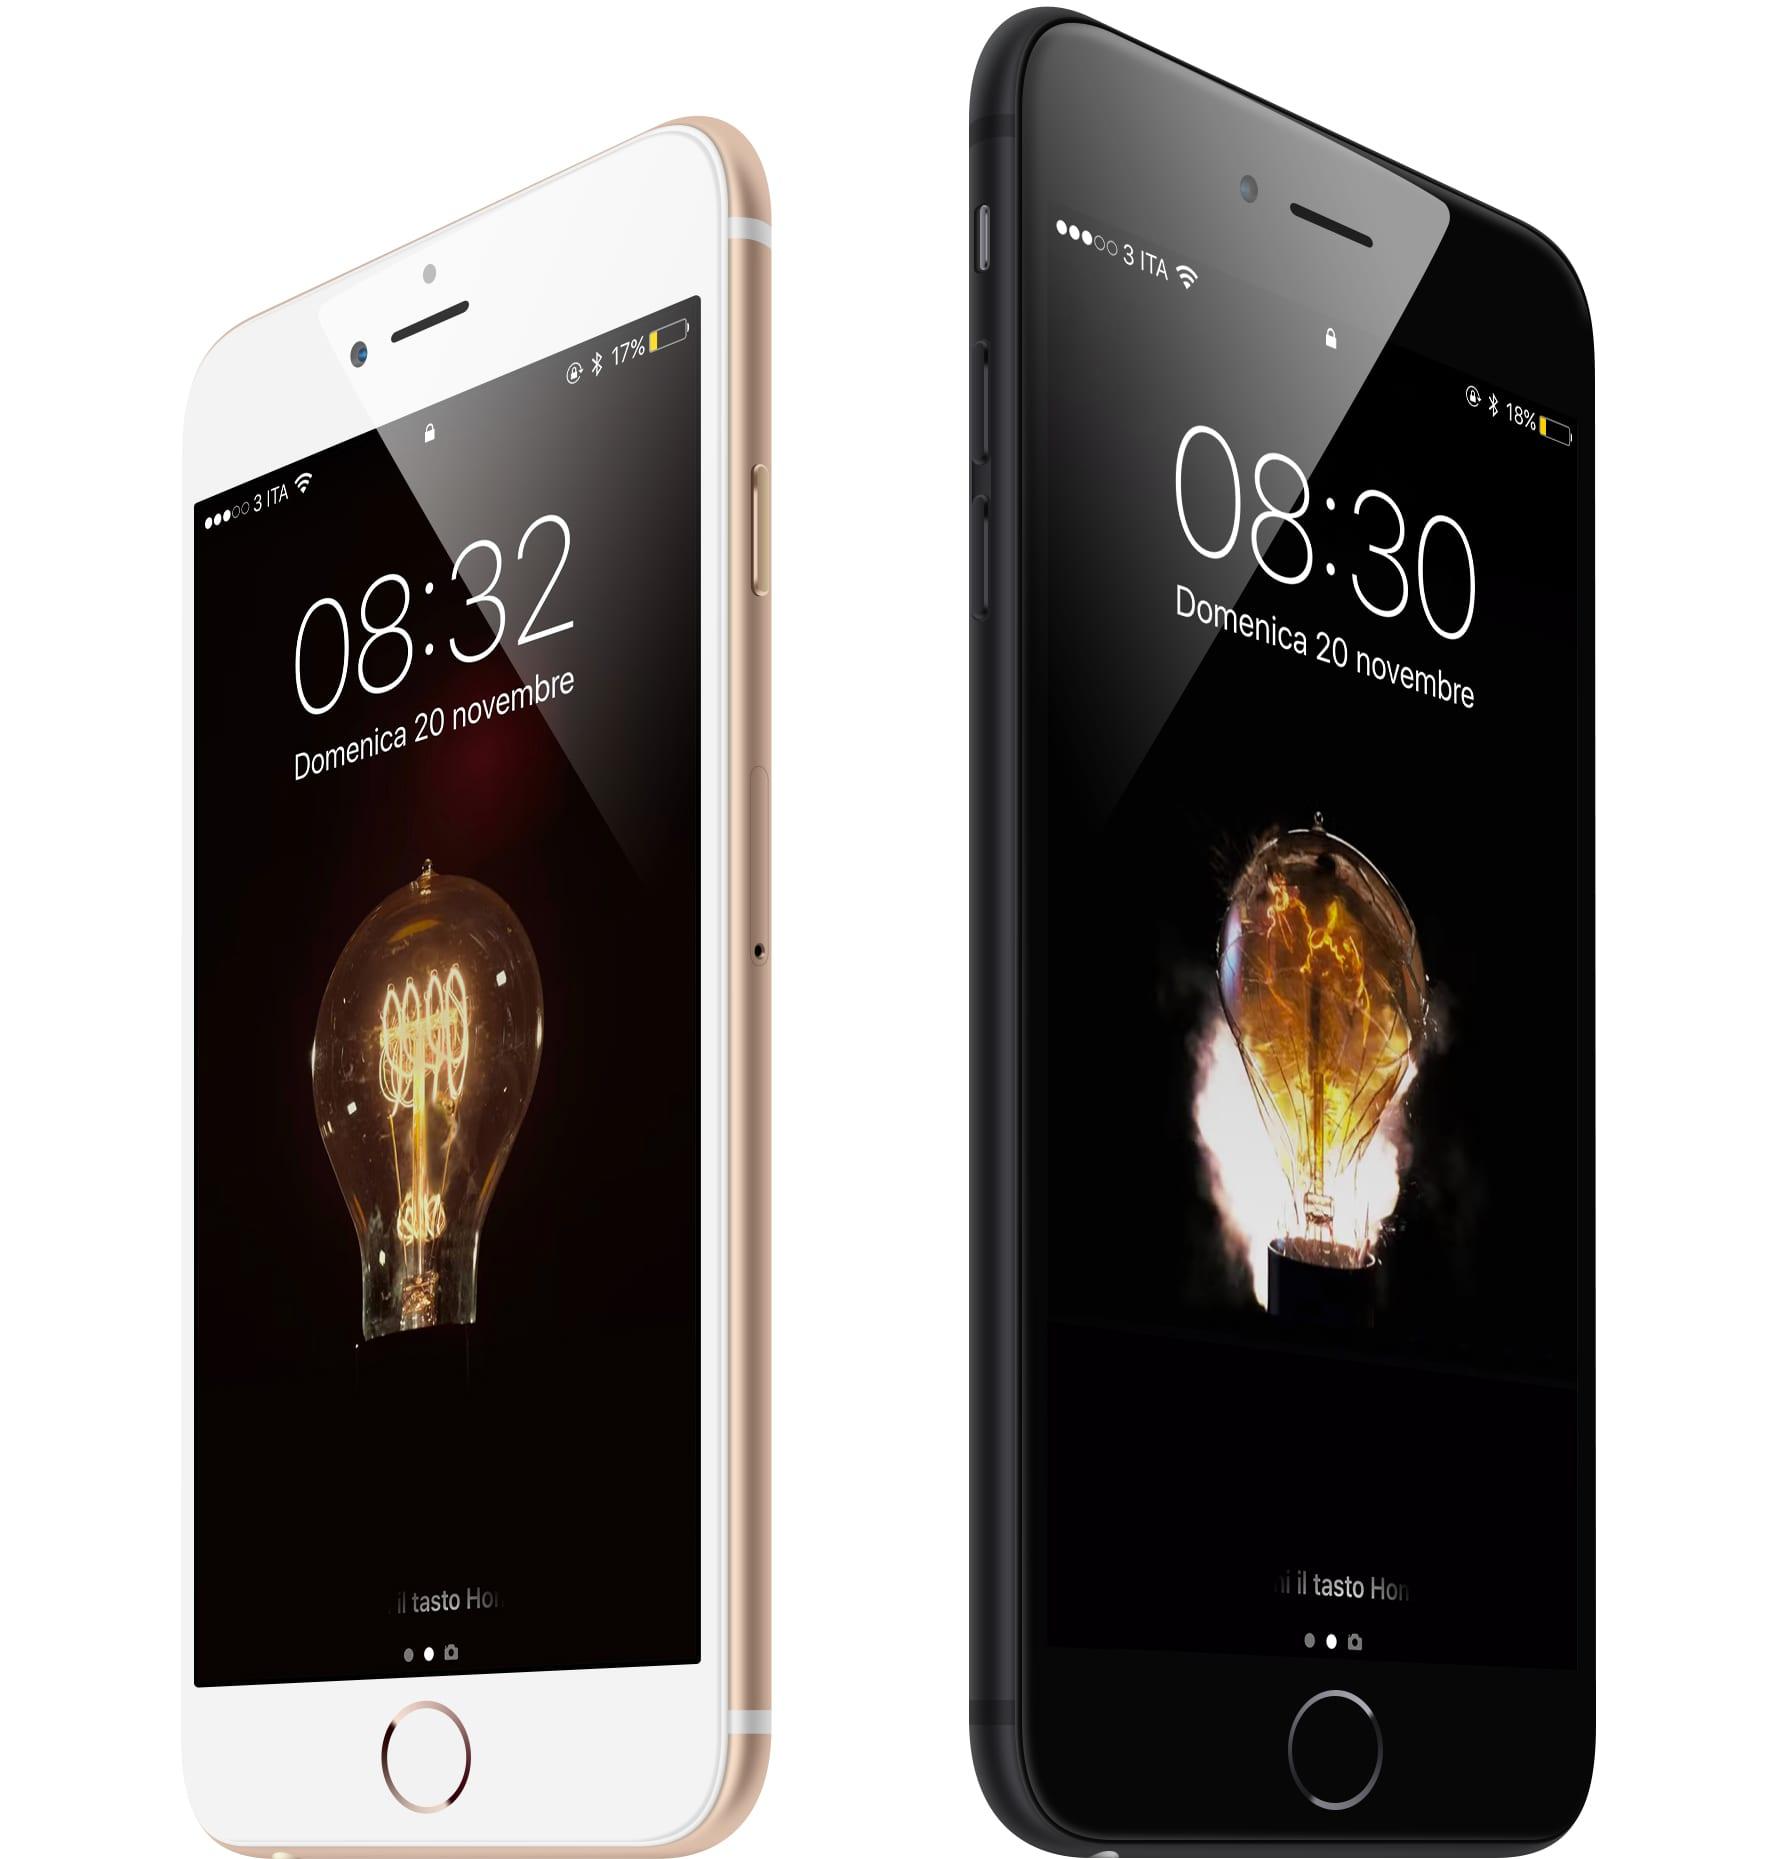 #WallpaperSelection #113: Ecco Bulb gli Sfondi ispirati al MacBook Pro per tutti gli iPhone